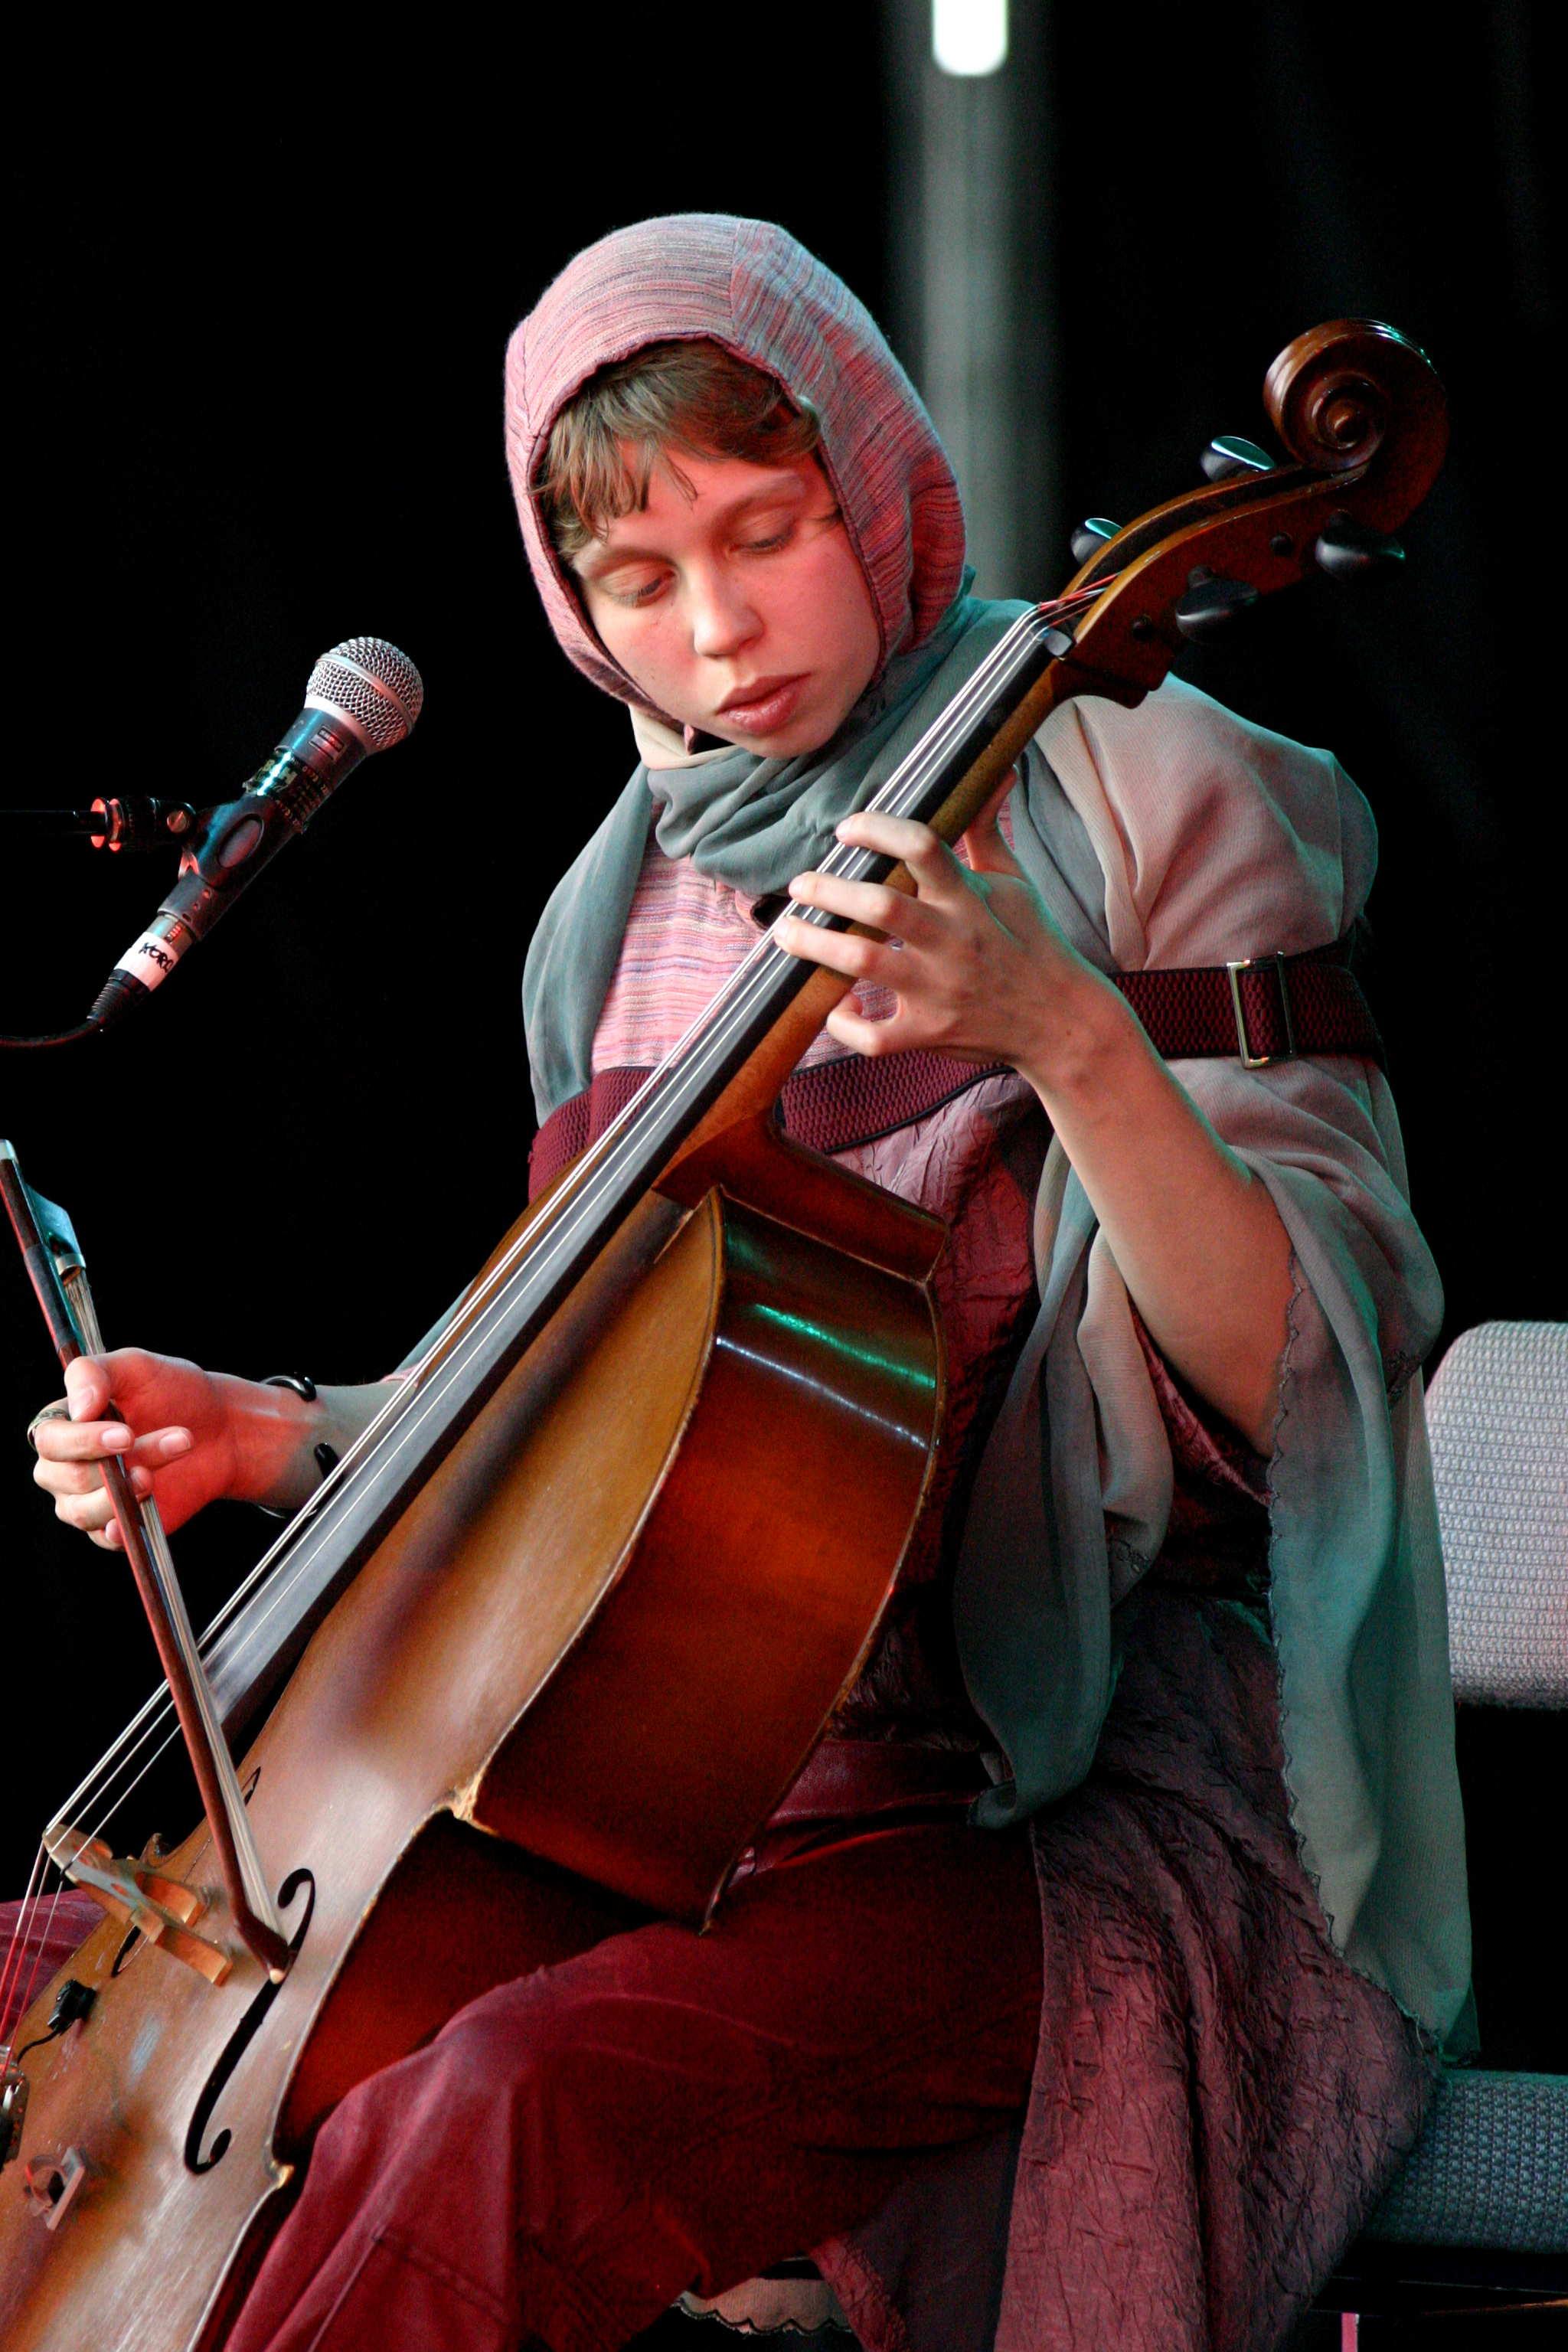 maja-kleszcz-the-warsaw-village-band-wychwood-2005